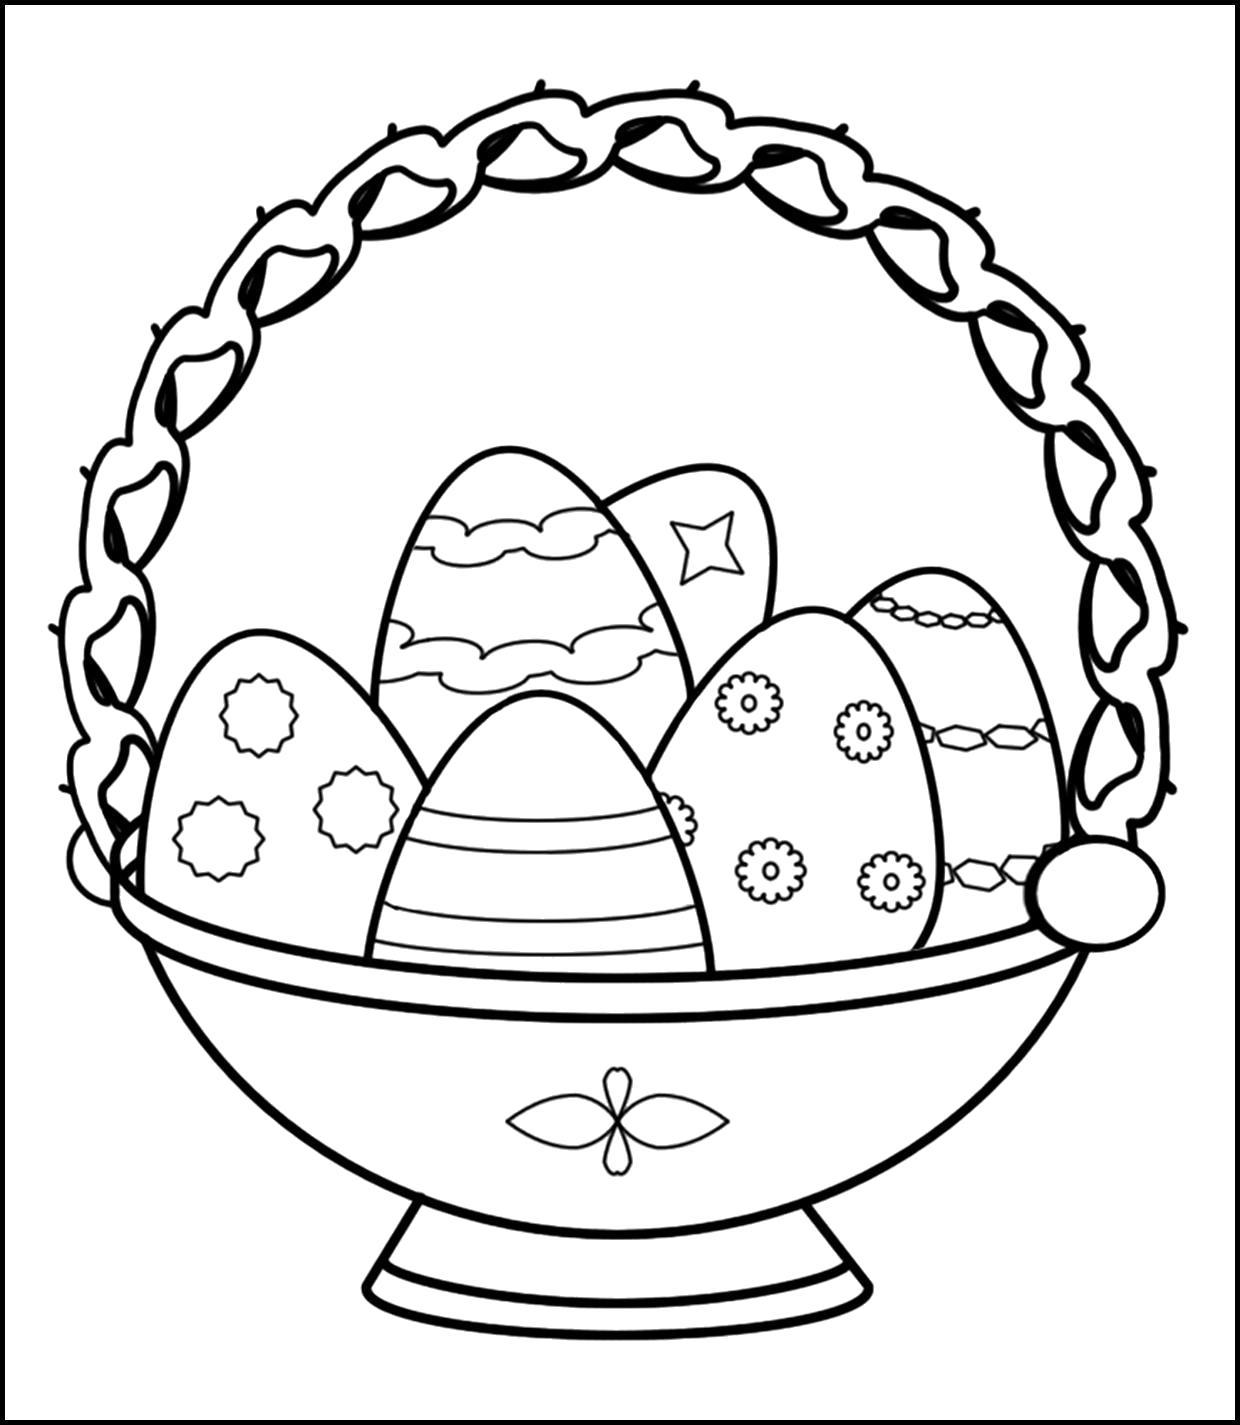 Название: Раскраска Раскраска Яйца к празднику Пасхе. Раскраска Пасхальные яйца, красивые яйца, раскраска с яйцами скачать. Категория: Пасха. Теги: Пасха.